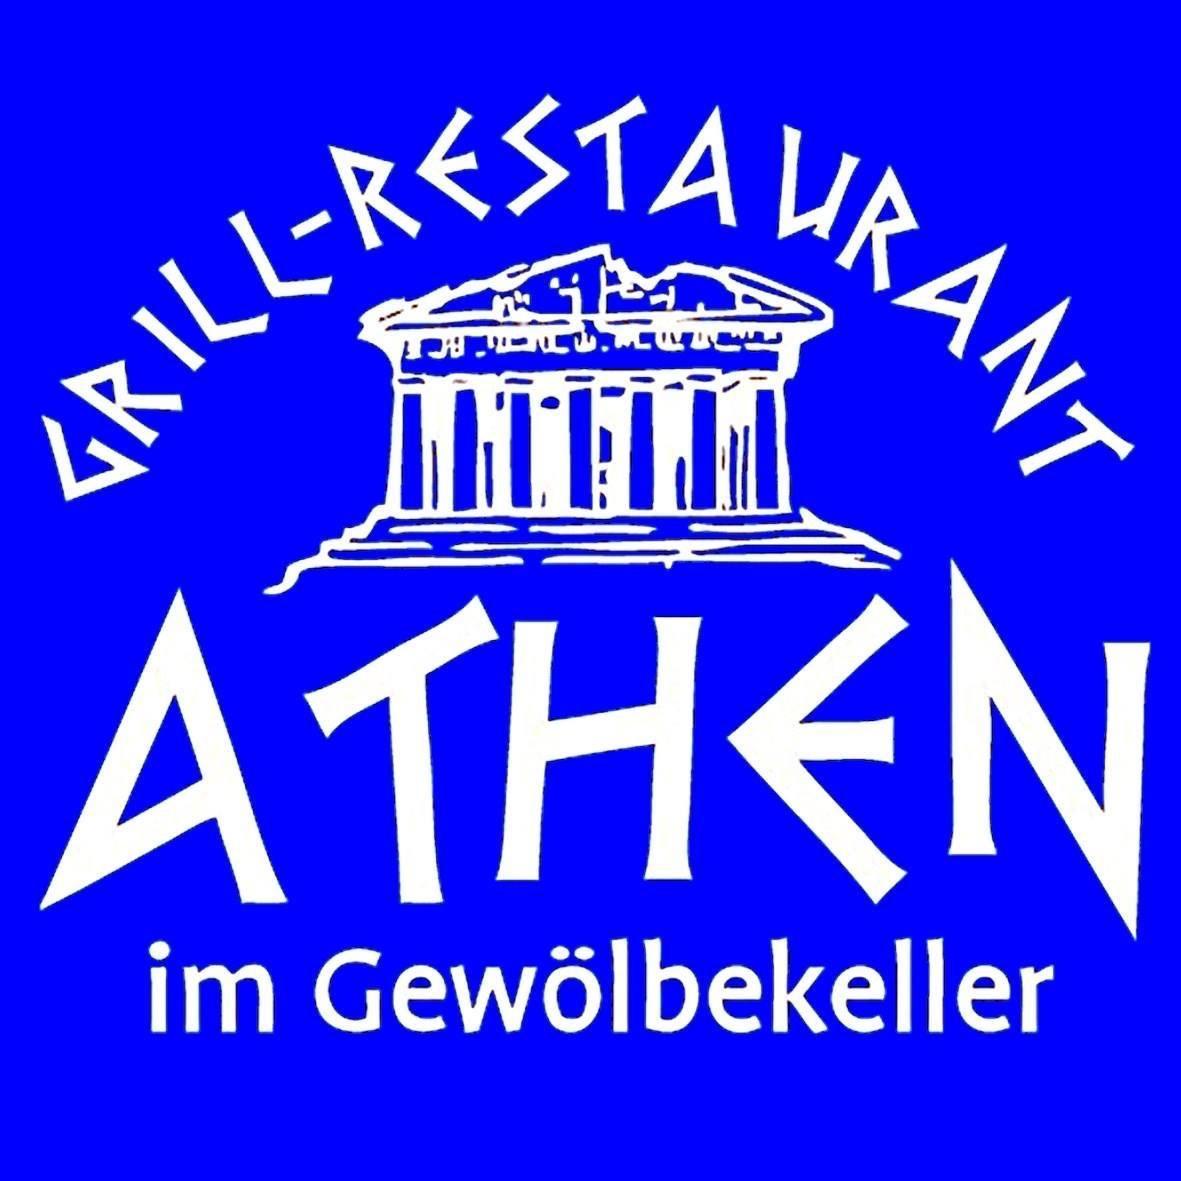 Grill - Restaurant ATHEN logo